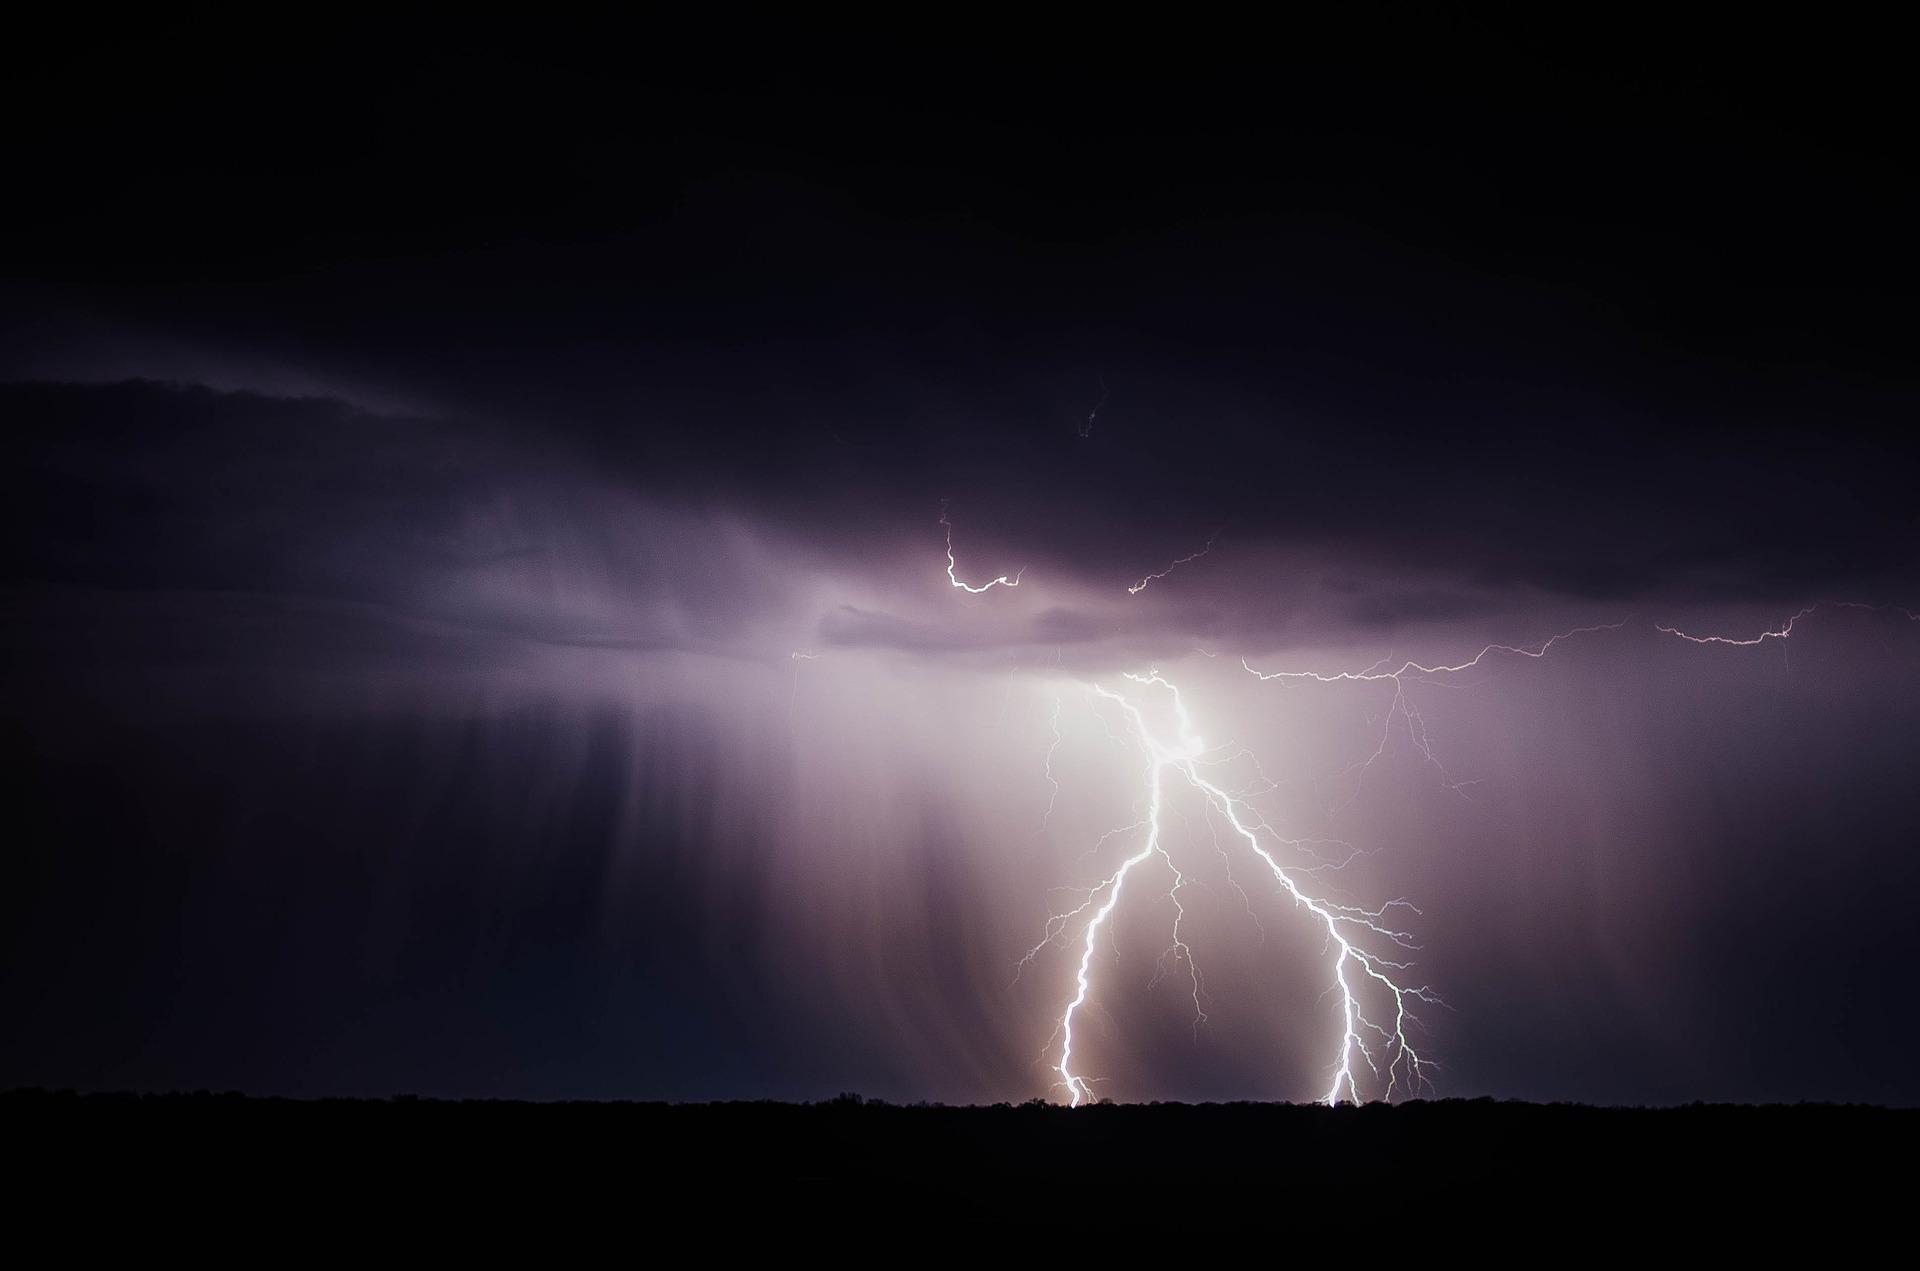 UWAGA! Burze z gradem w powiecie kolbuszowskim. IMGW wydało ostrzeżenie - Zdjęcie główne